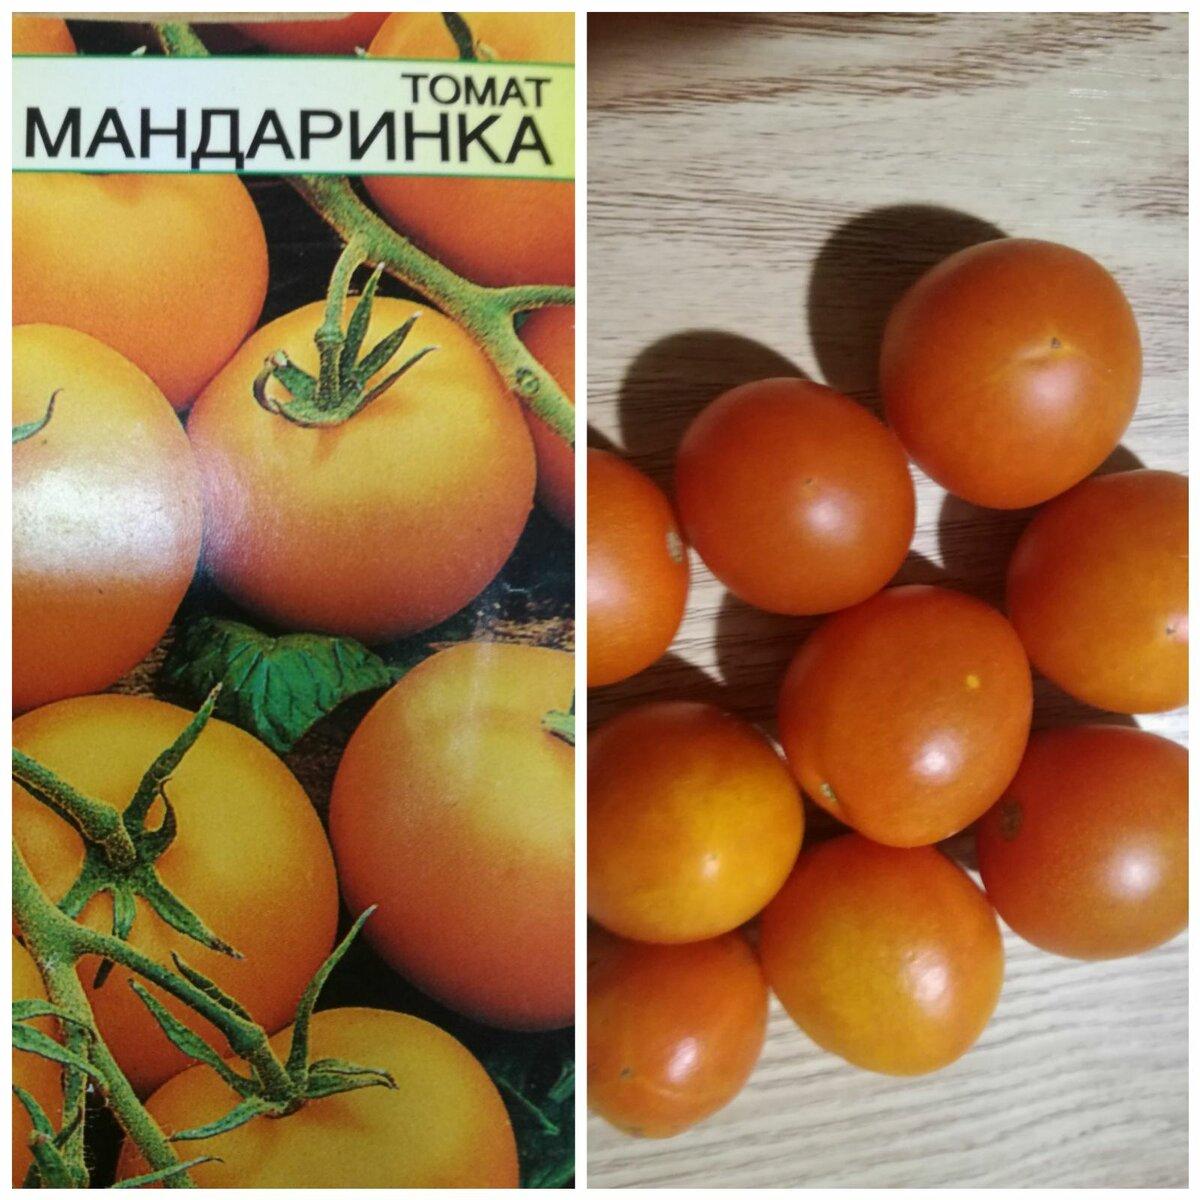 Томат малиновка: характеристика и описание сорта, отзывы, фото, урожайность